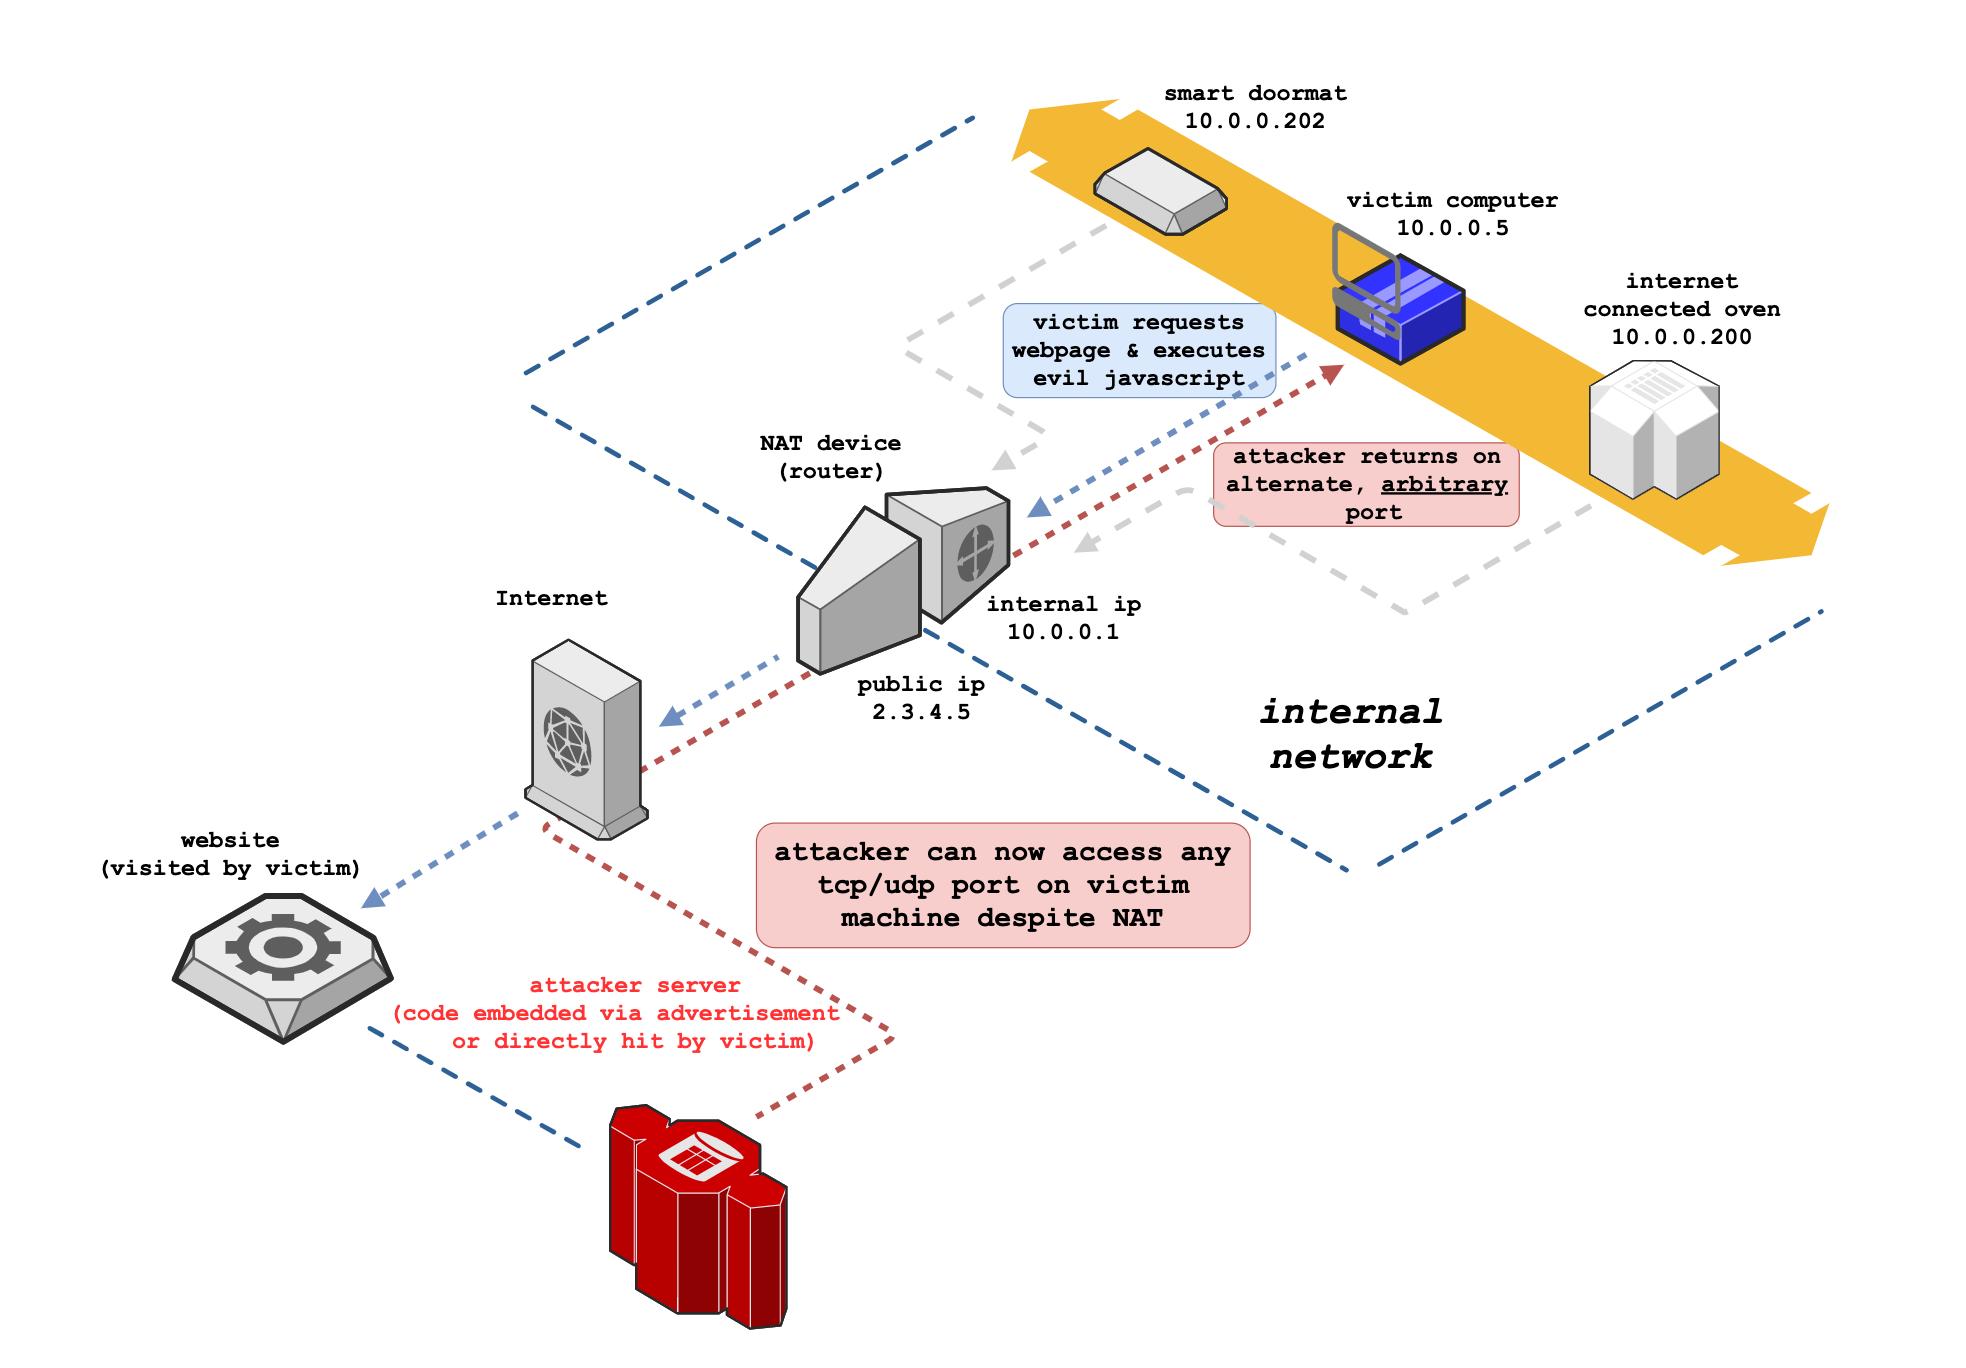 【转载】NAT Slipstreaming攻击使防火墙形同虚设